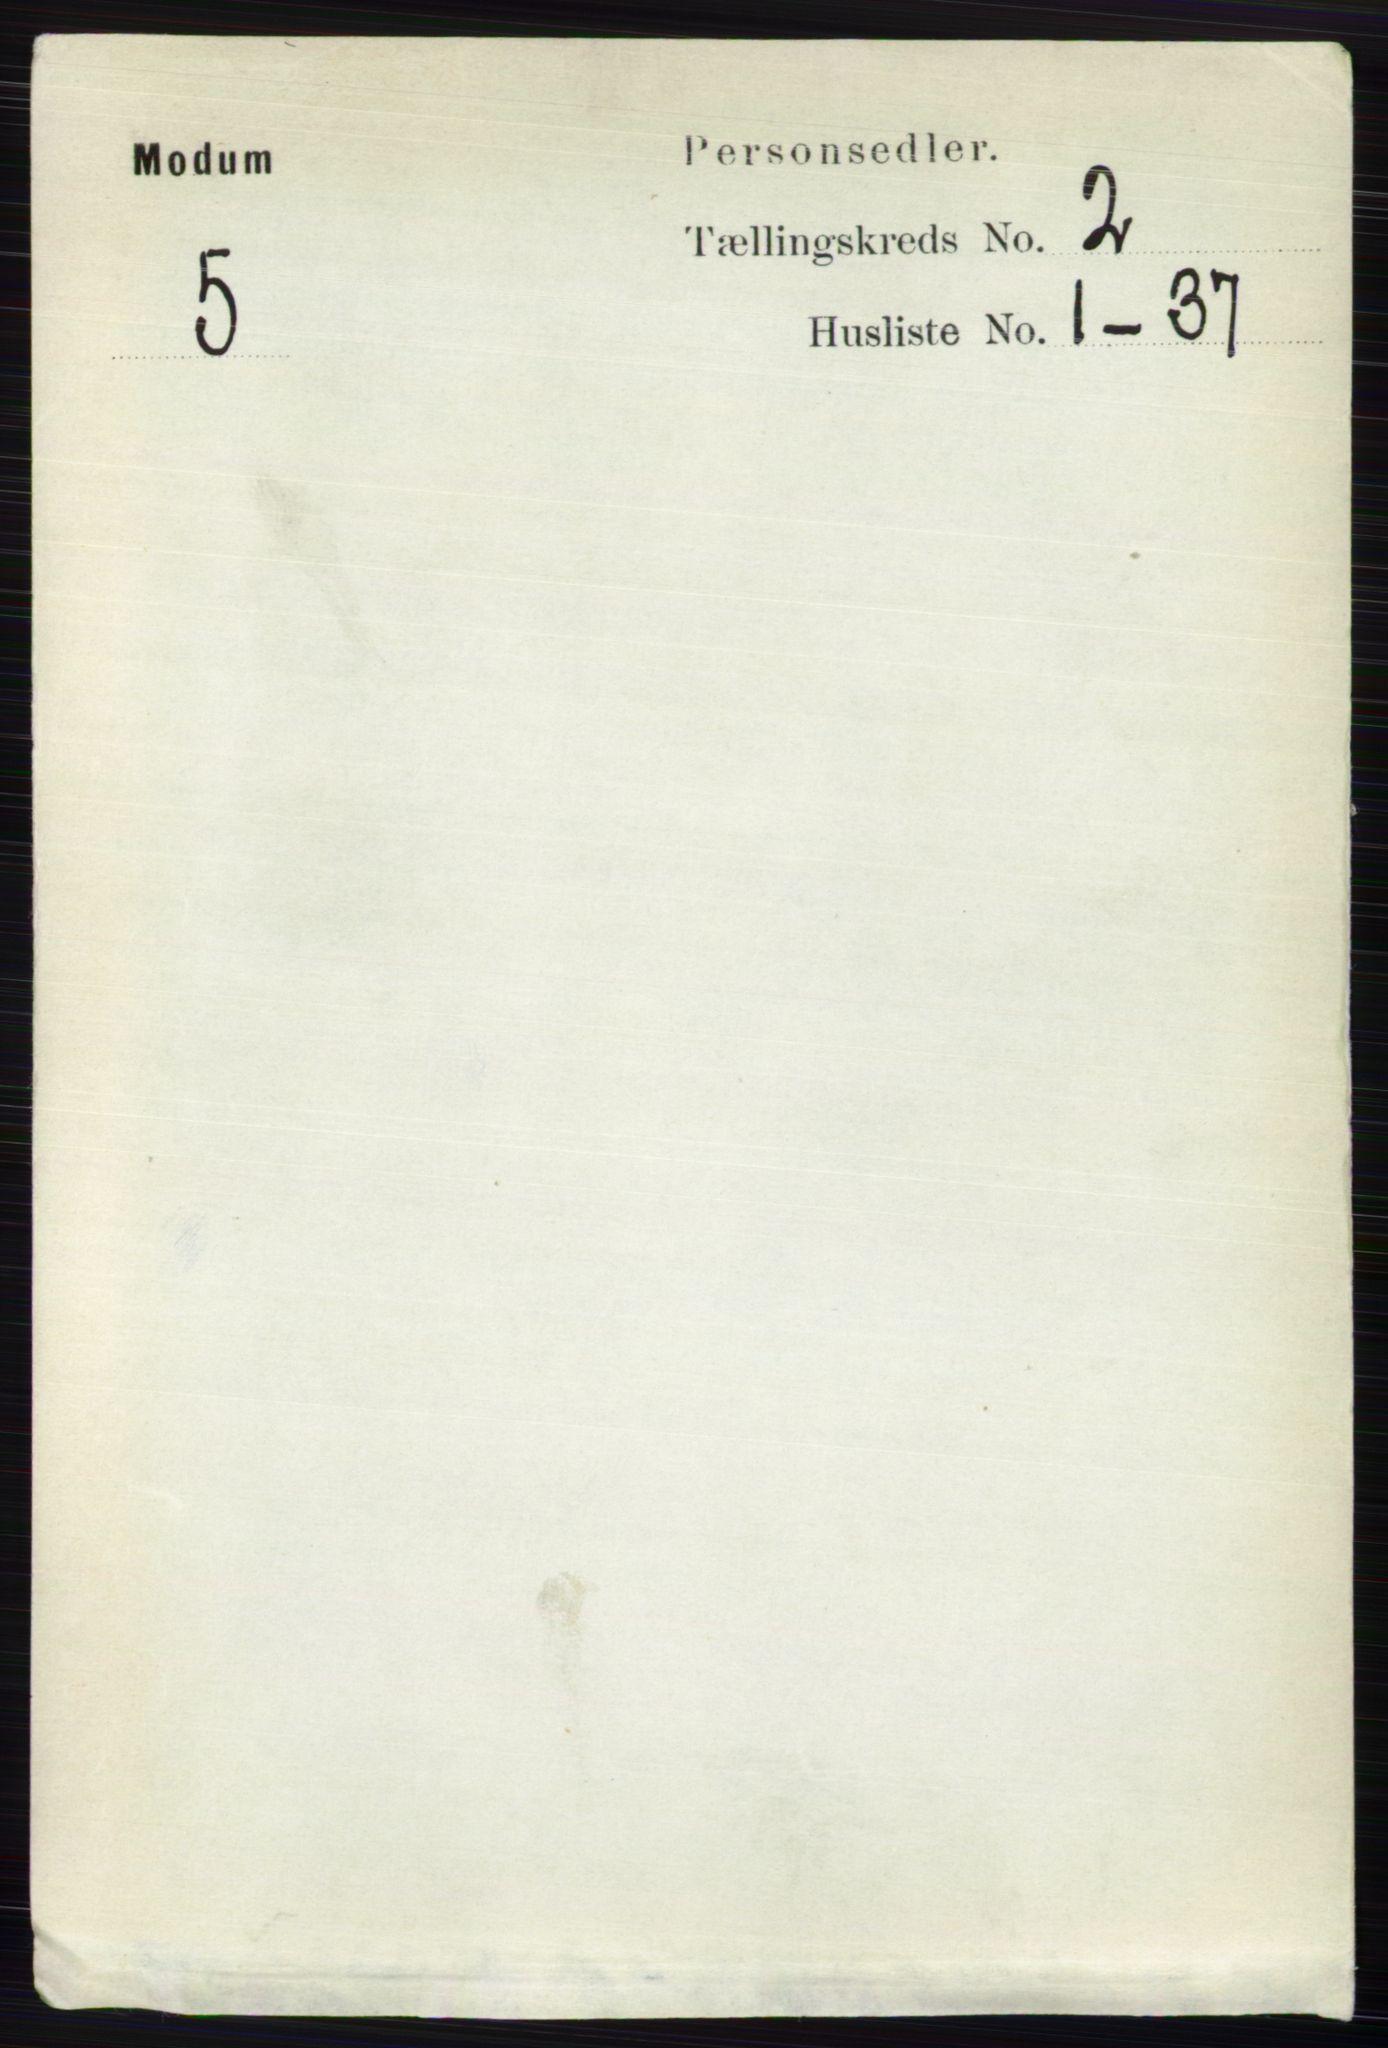 RA, Folketelling 1891 for 0623 Modum herred, 1891, s. 472